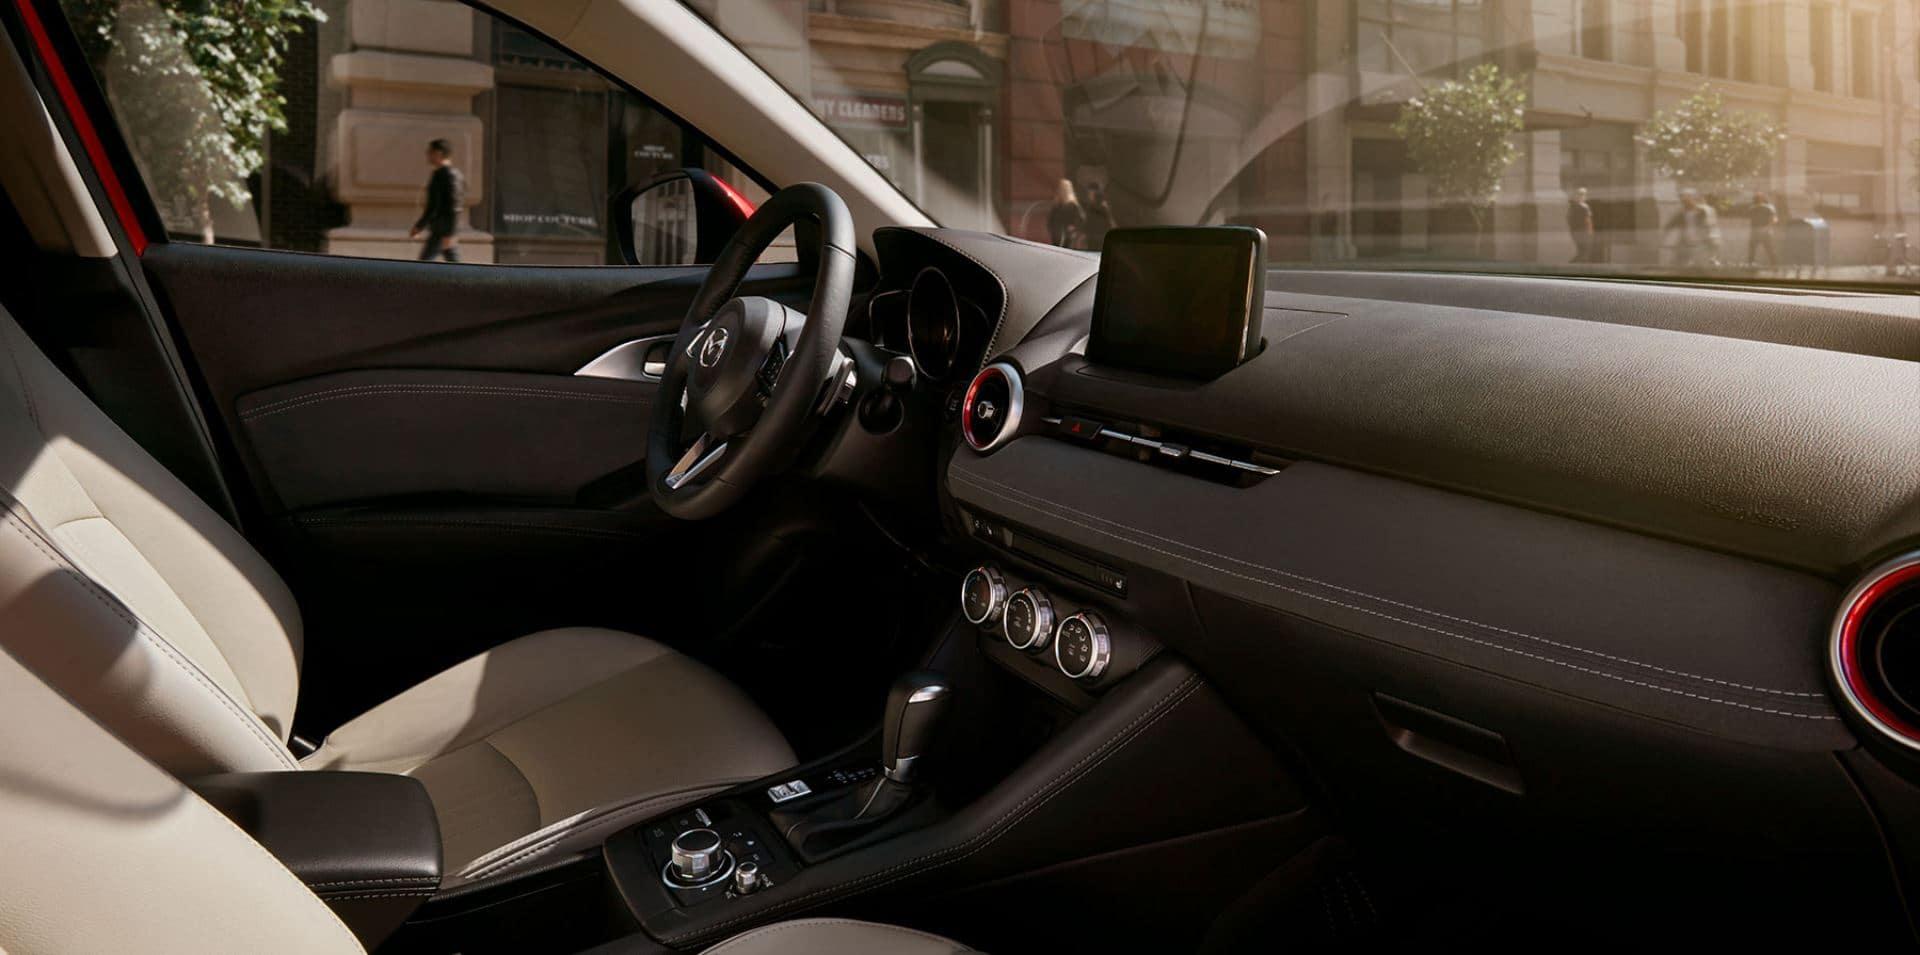 2021 Mazda CX-30 Interior passenger POV